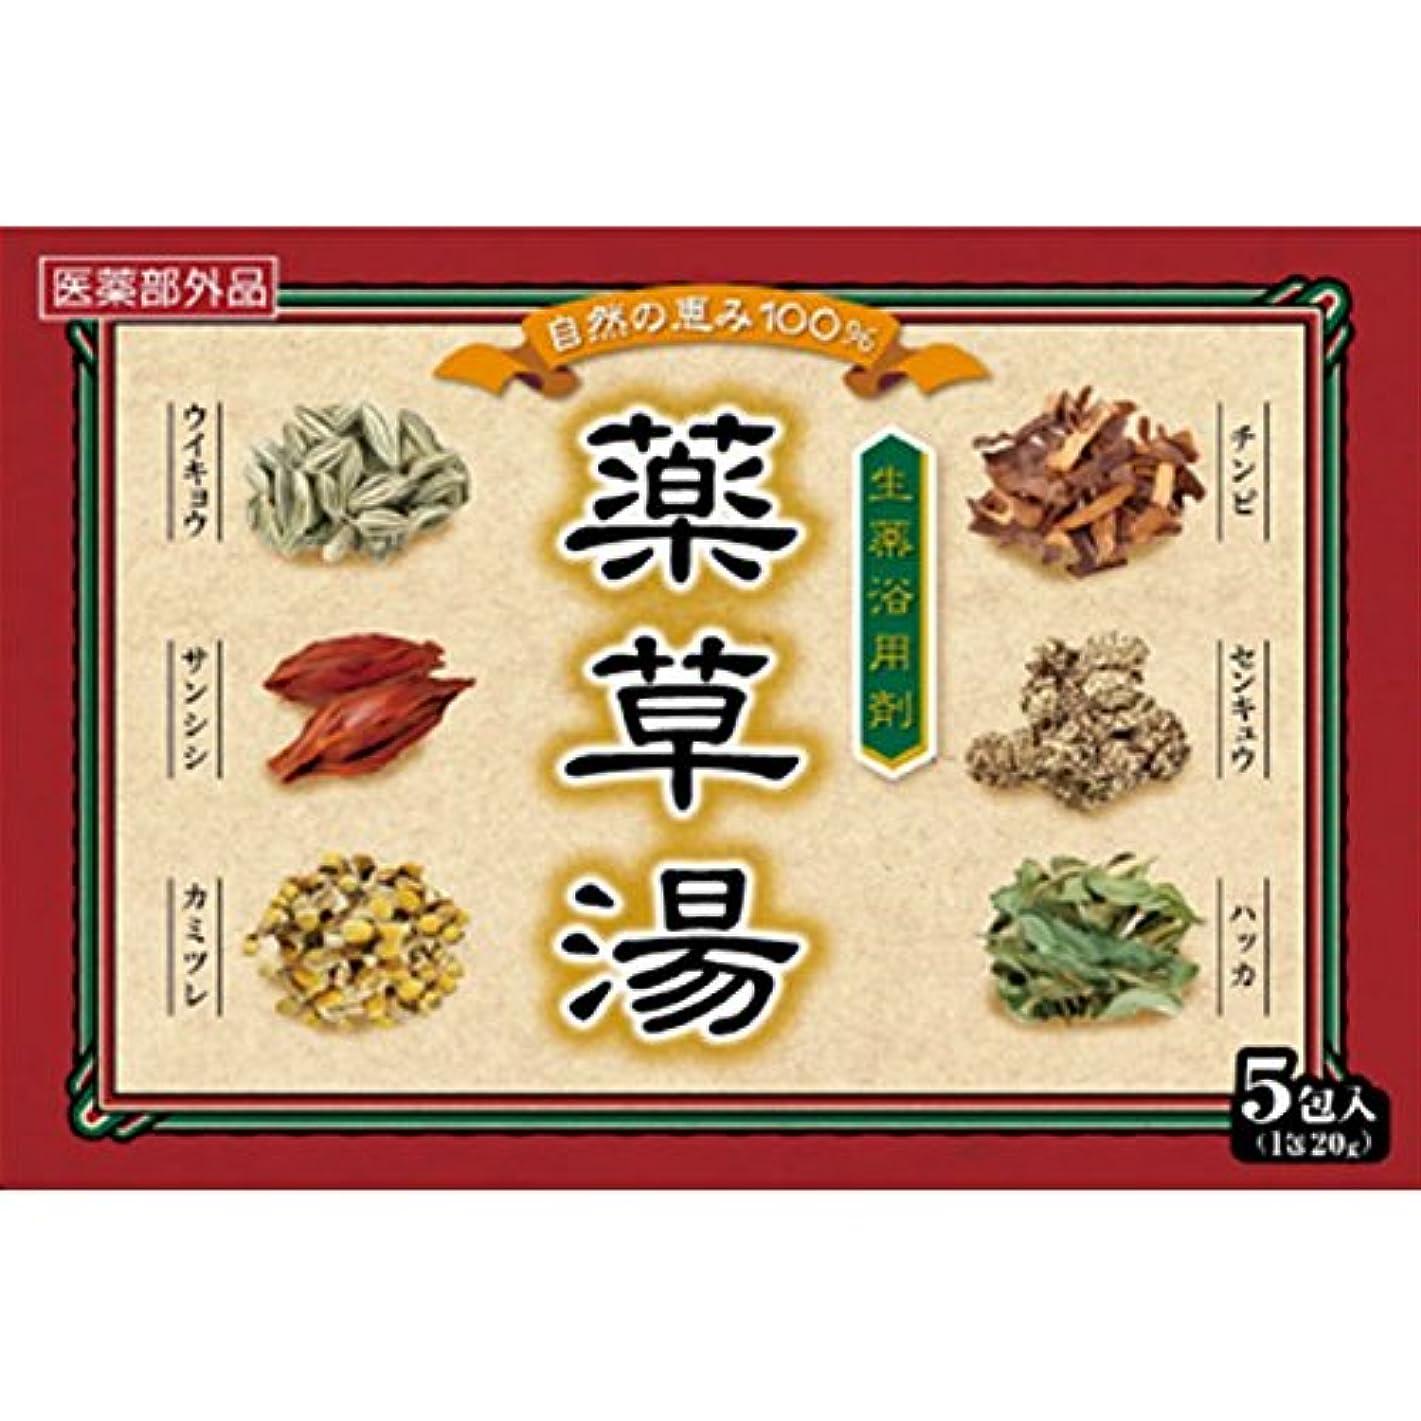 リップテラスイノセンス生薬浴用剤 薬草湯5包×4